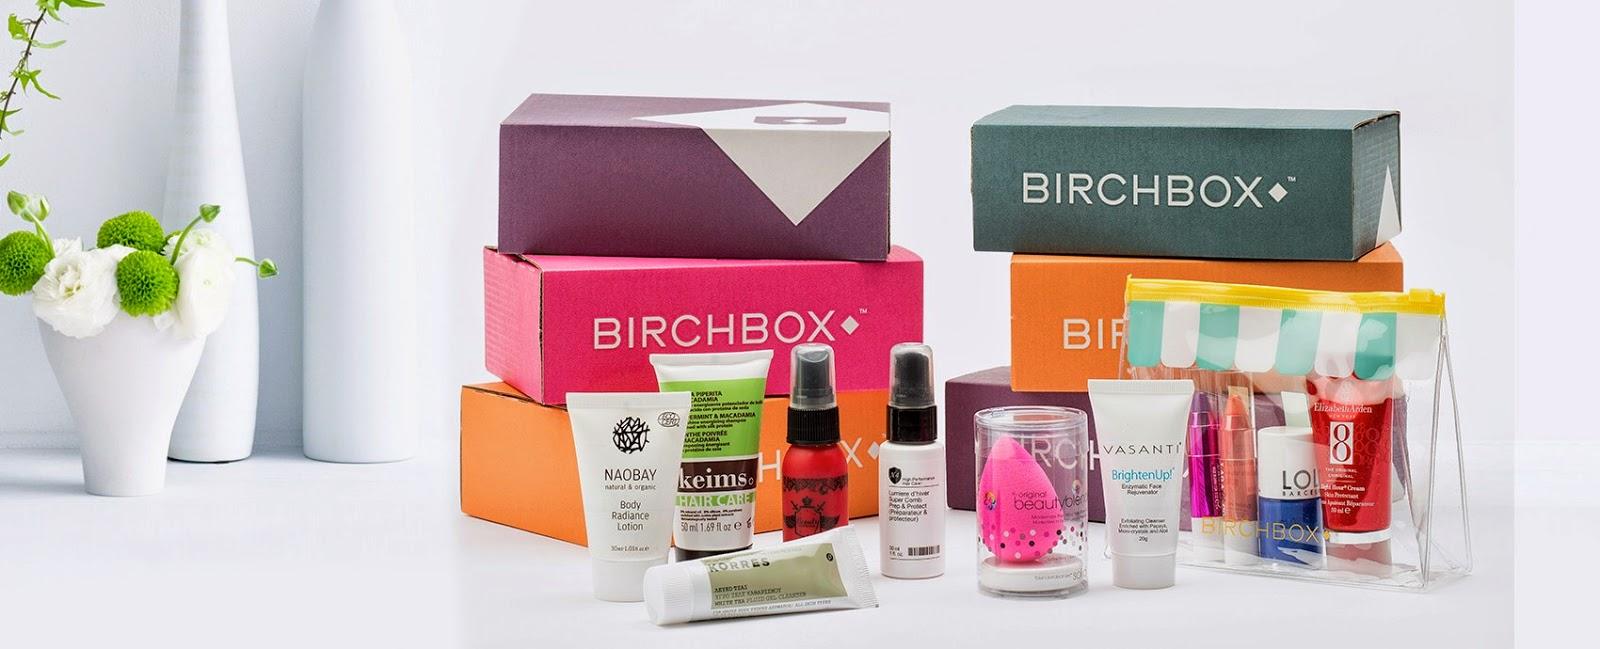 Suscripción a BirchBox con descuento en Letbonus!